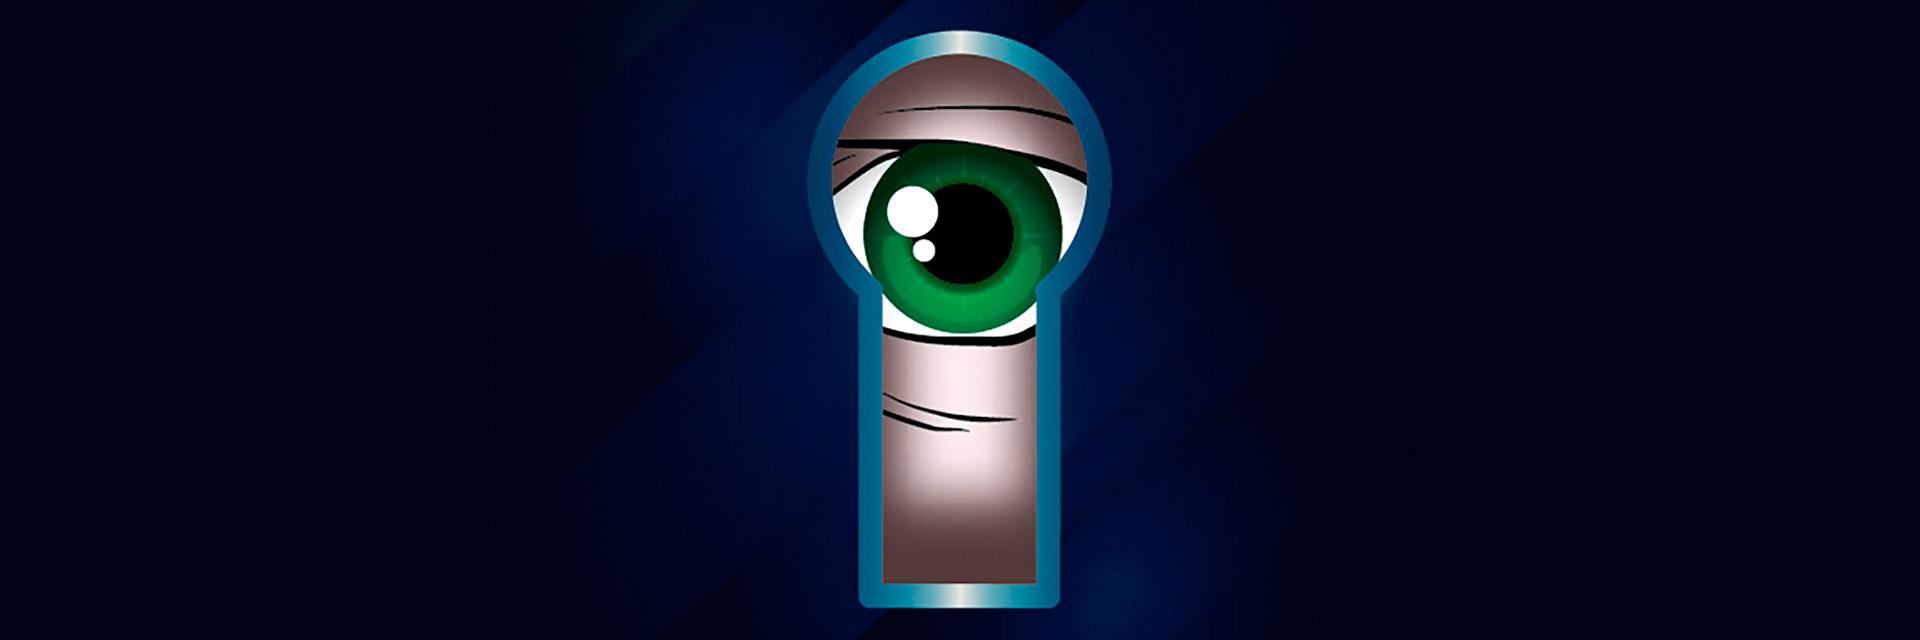 Роскомнадзор считает что whatsapp шпионит за пользователями